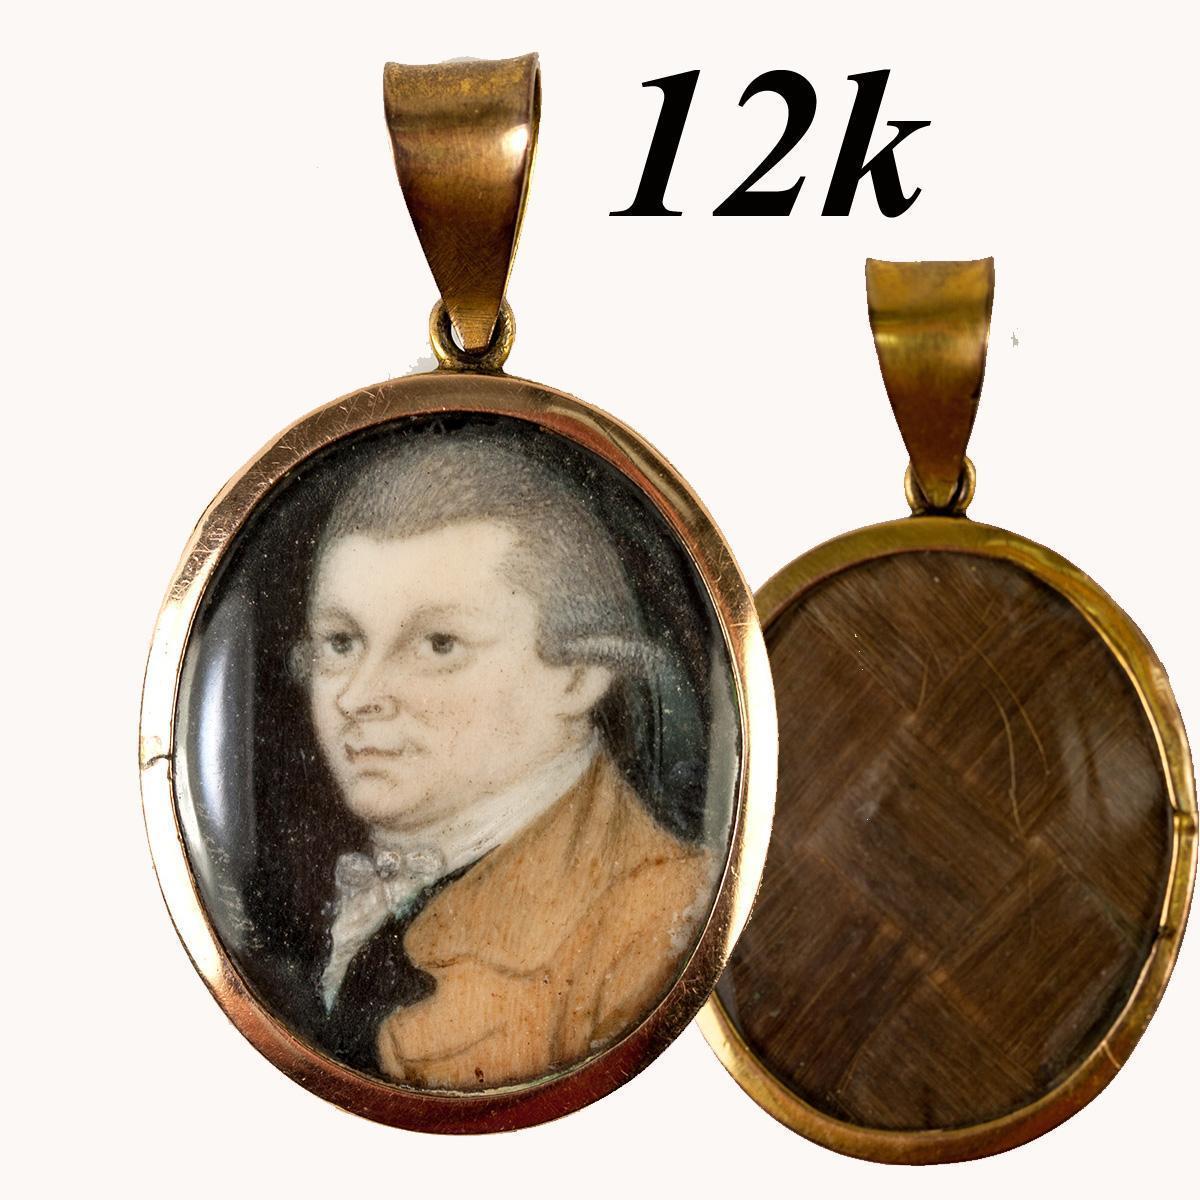 Fine Antique c.1782 Portrait Miniature Pendant, 12k Gold Locket, Hair Back